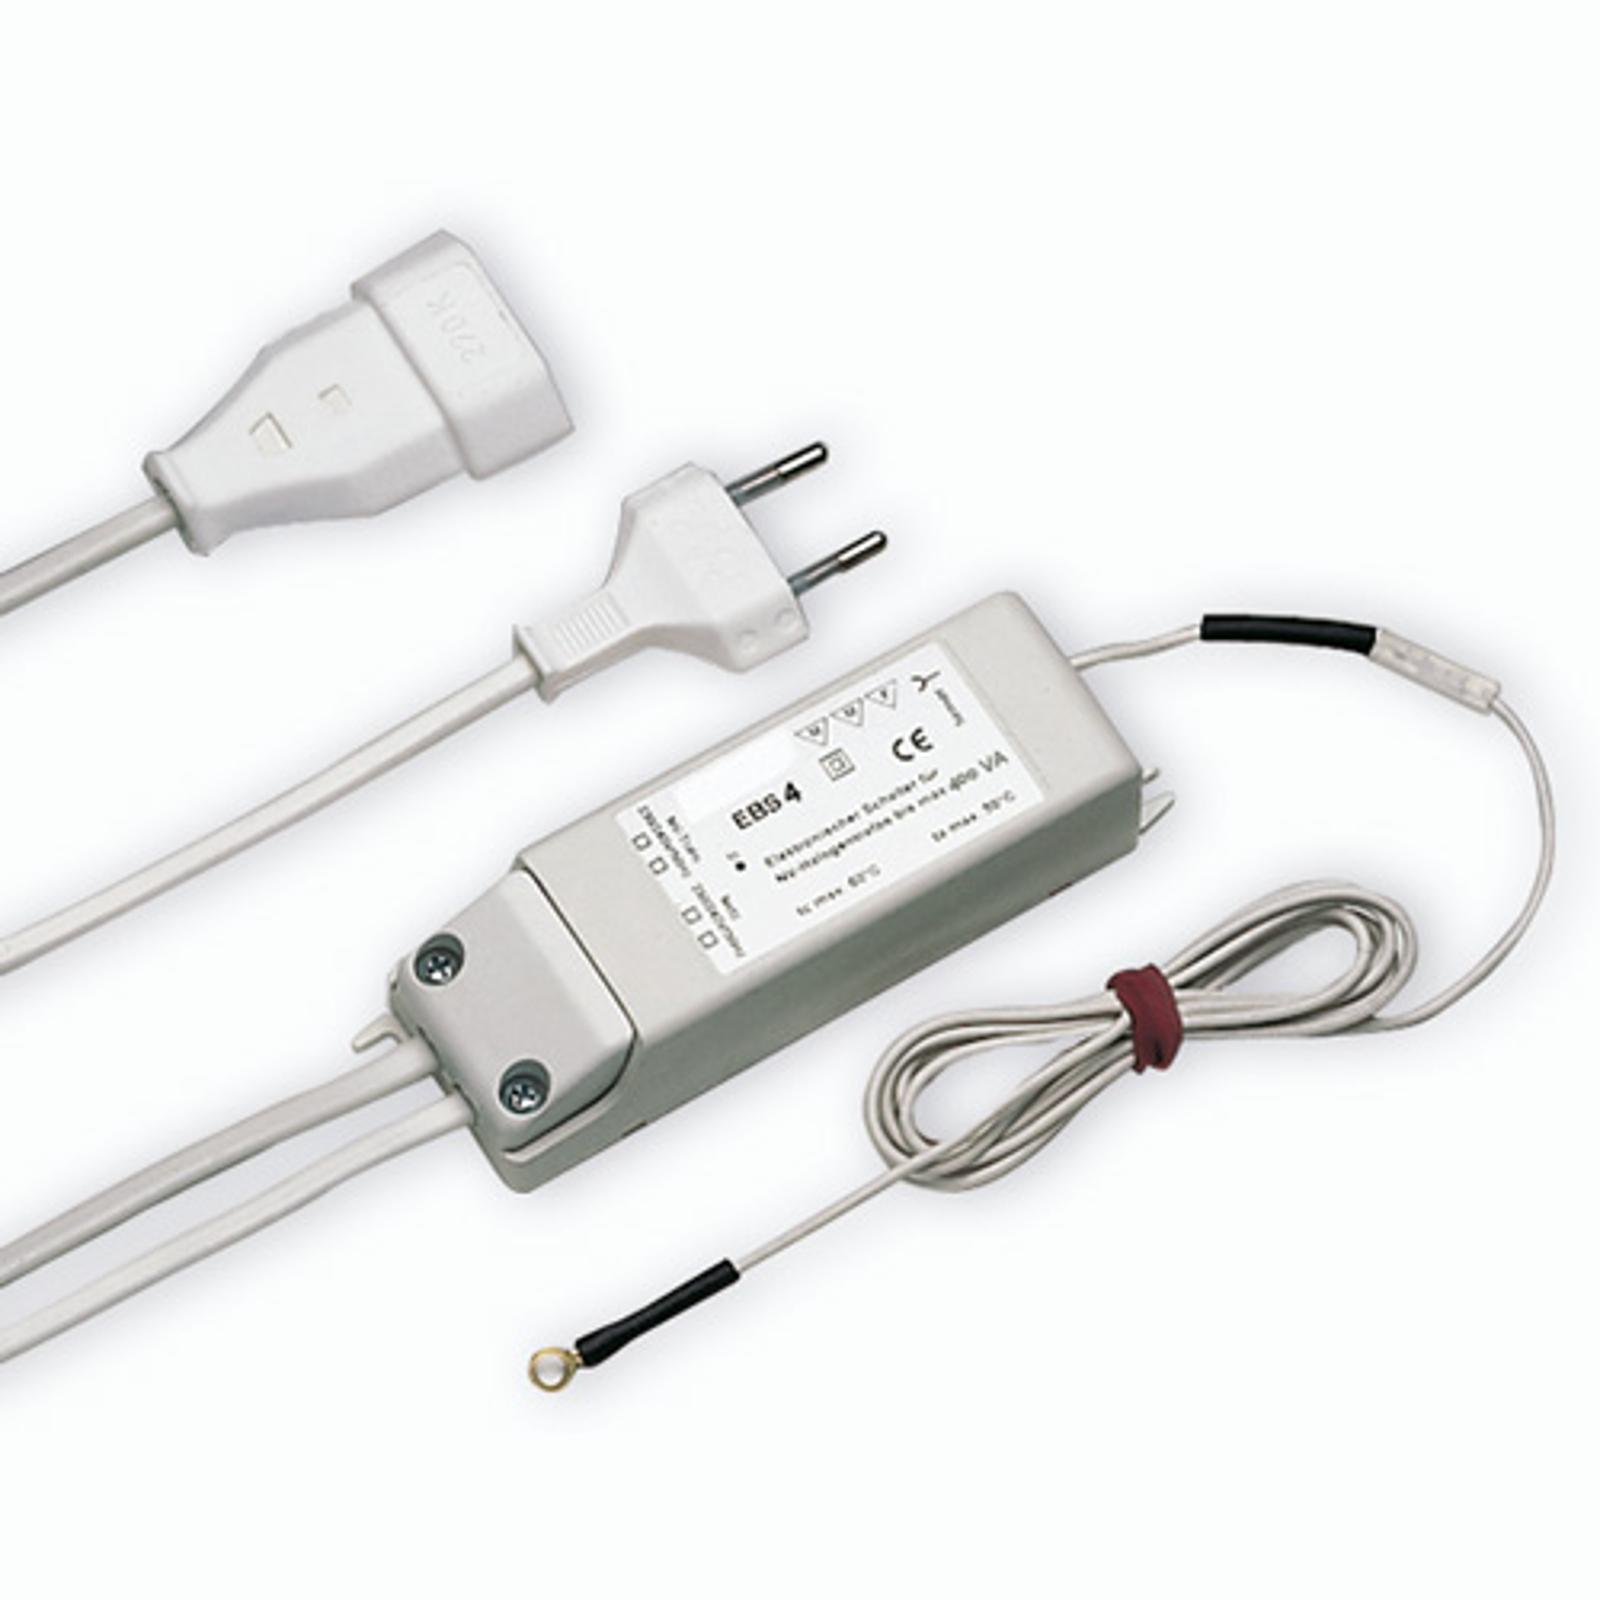 Interrupteur tactile EBS 4 avec œillet M4